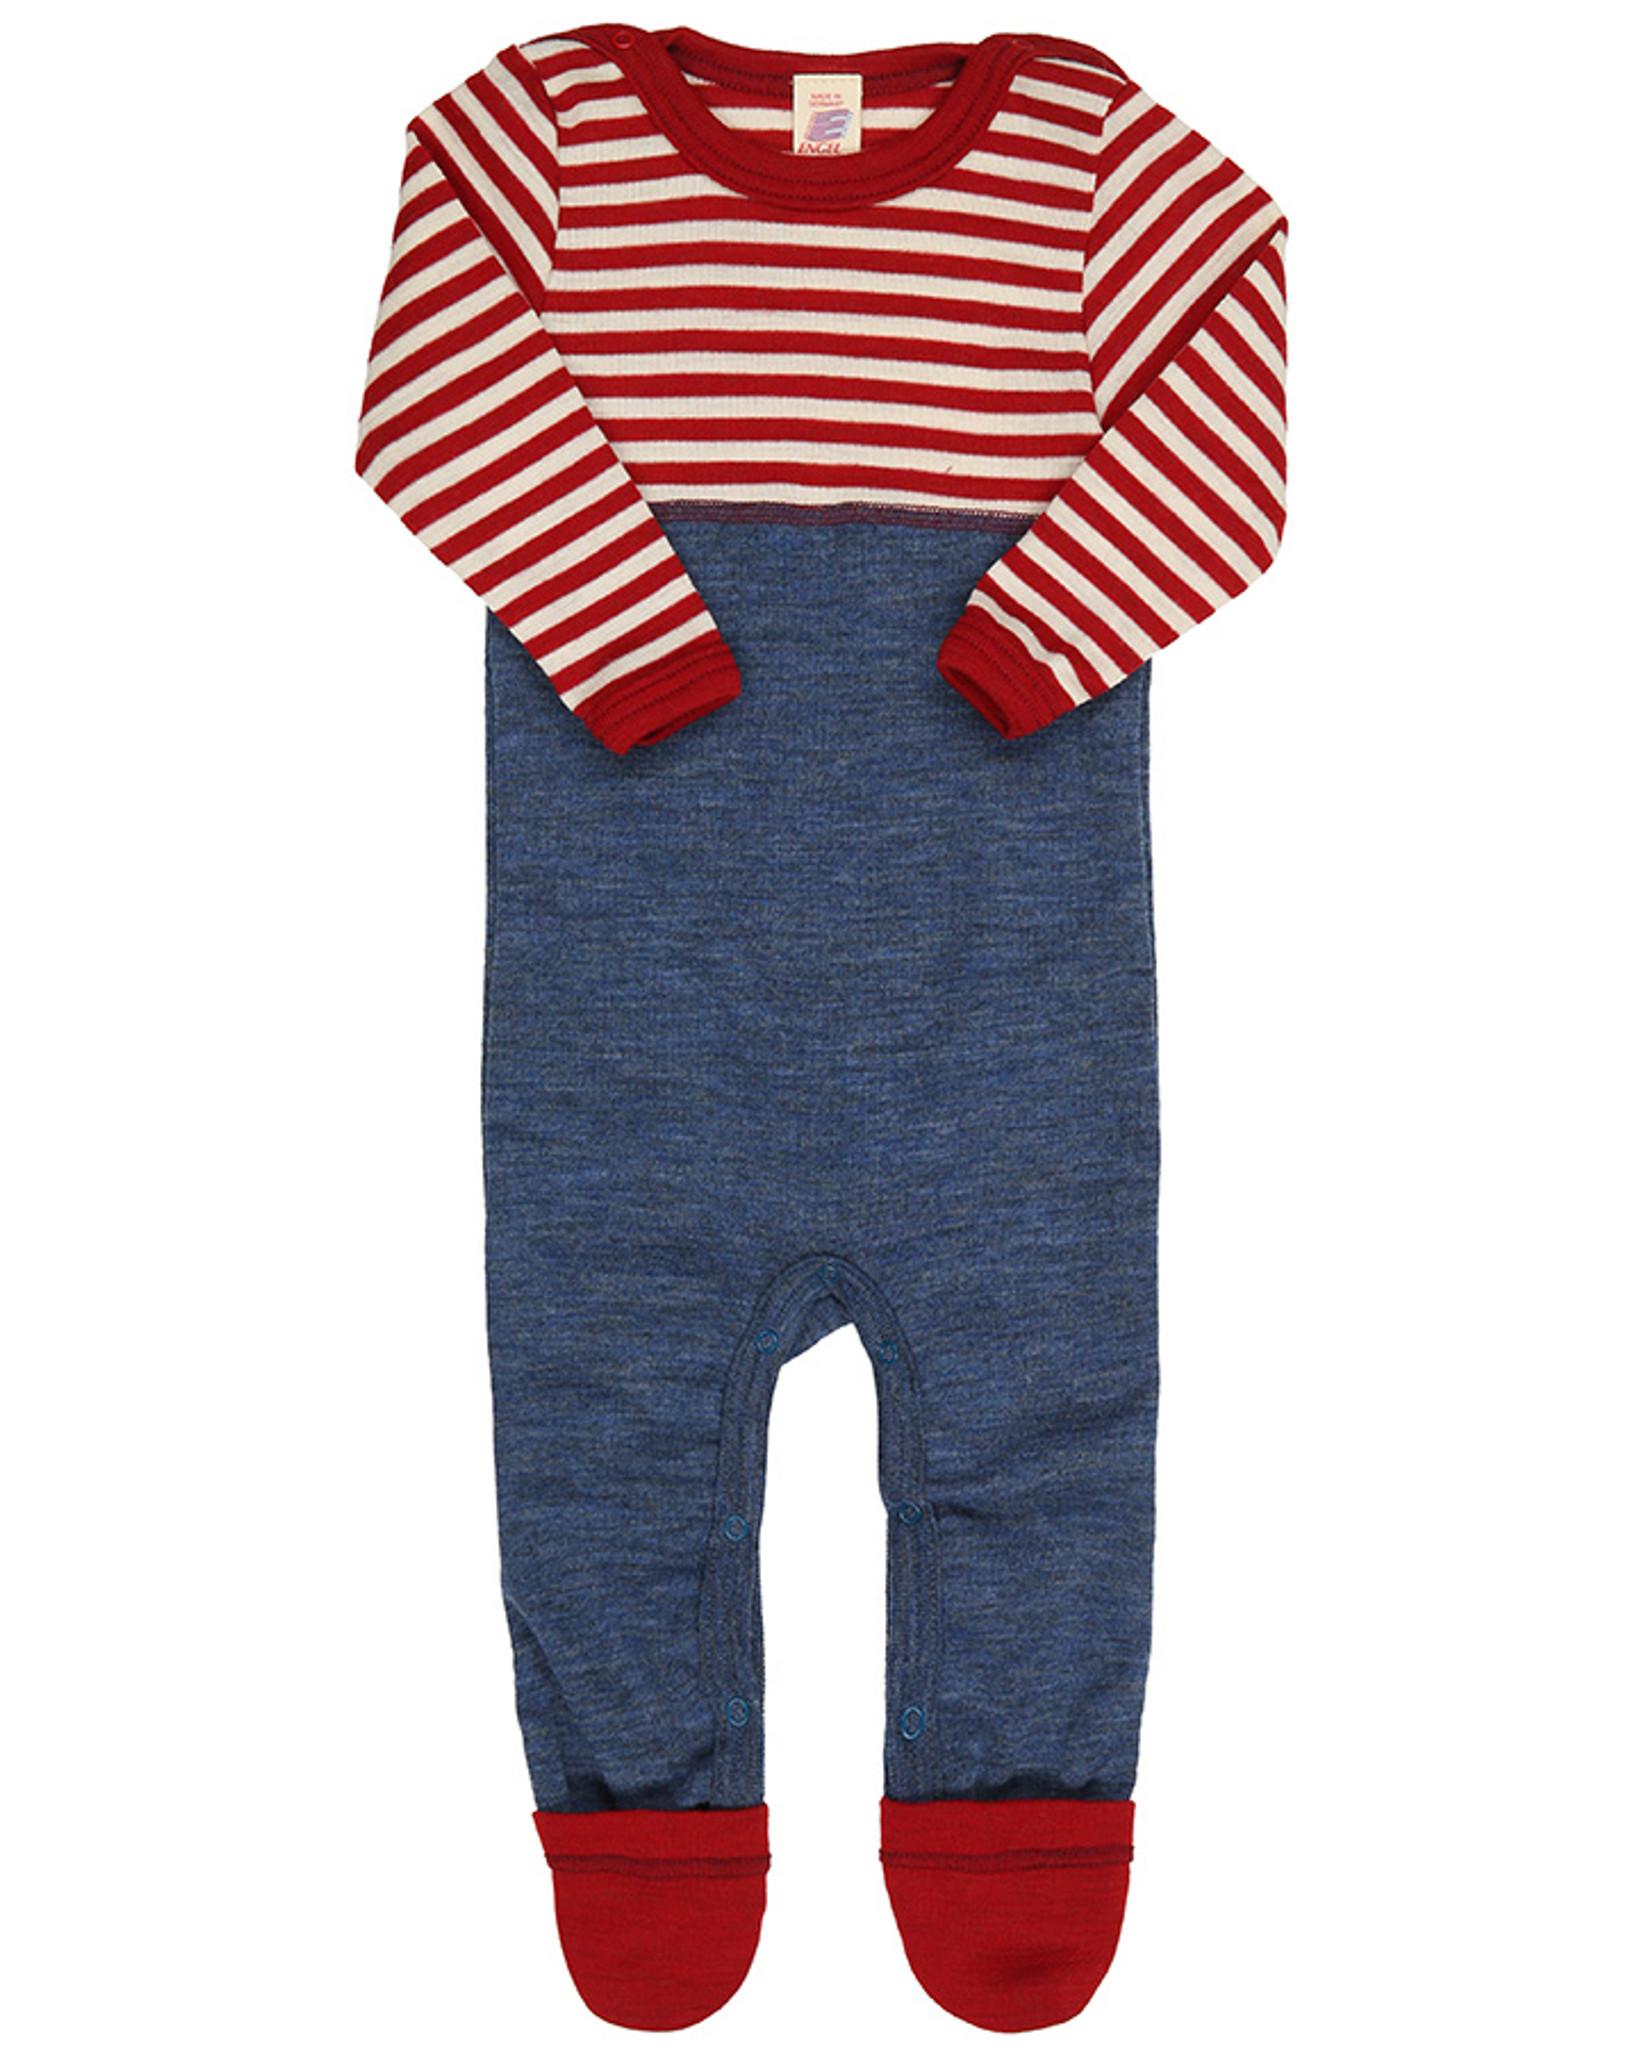 9d2b18198 Engel Merino Wool Baby Playsuit Red Stripe Blue - Merino Wool ...